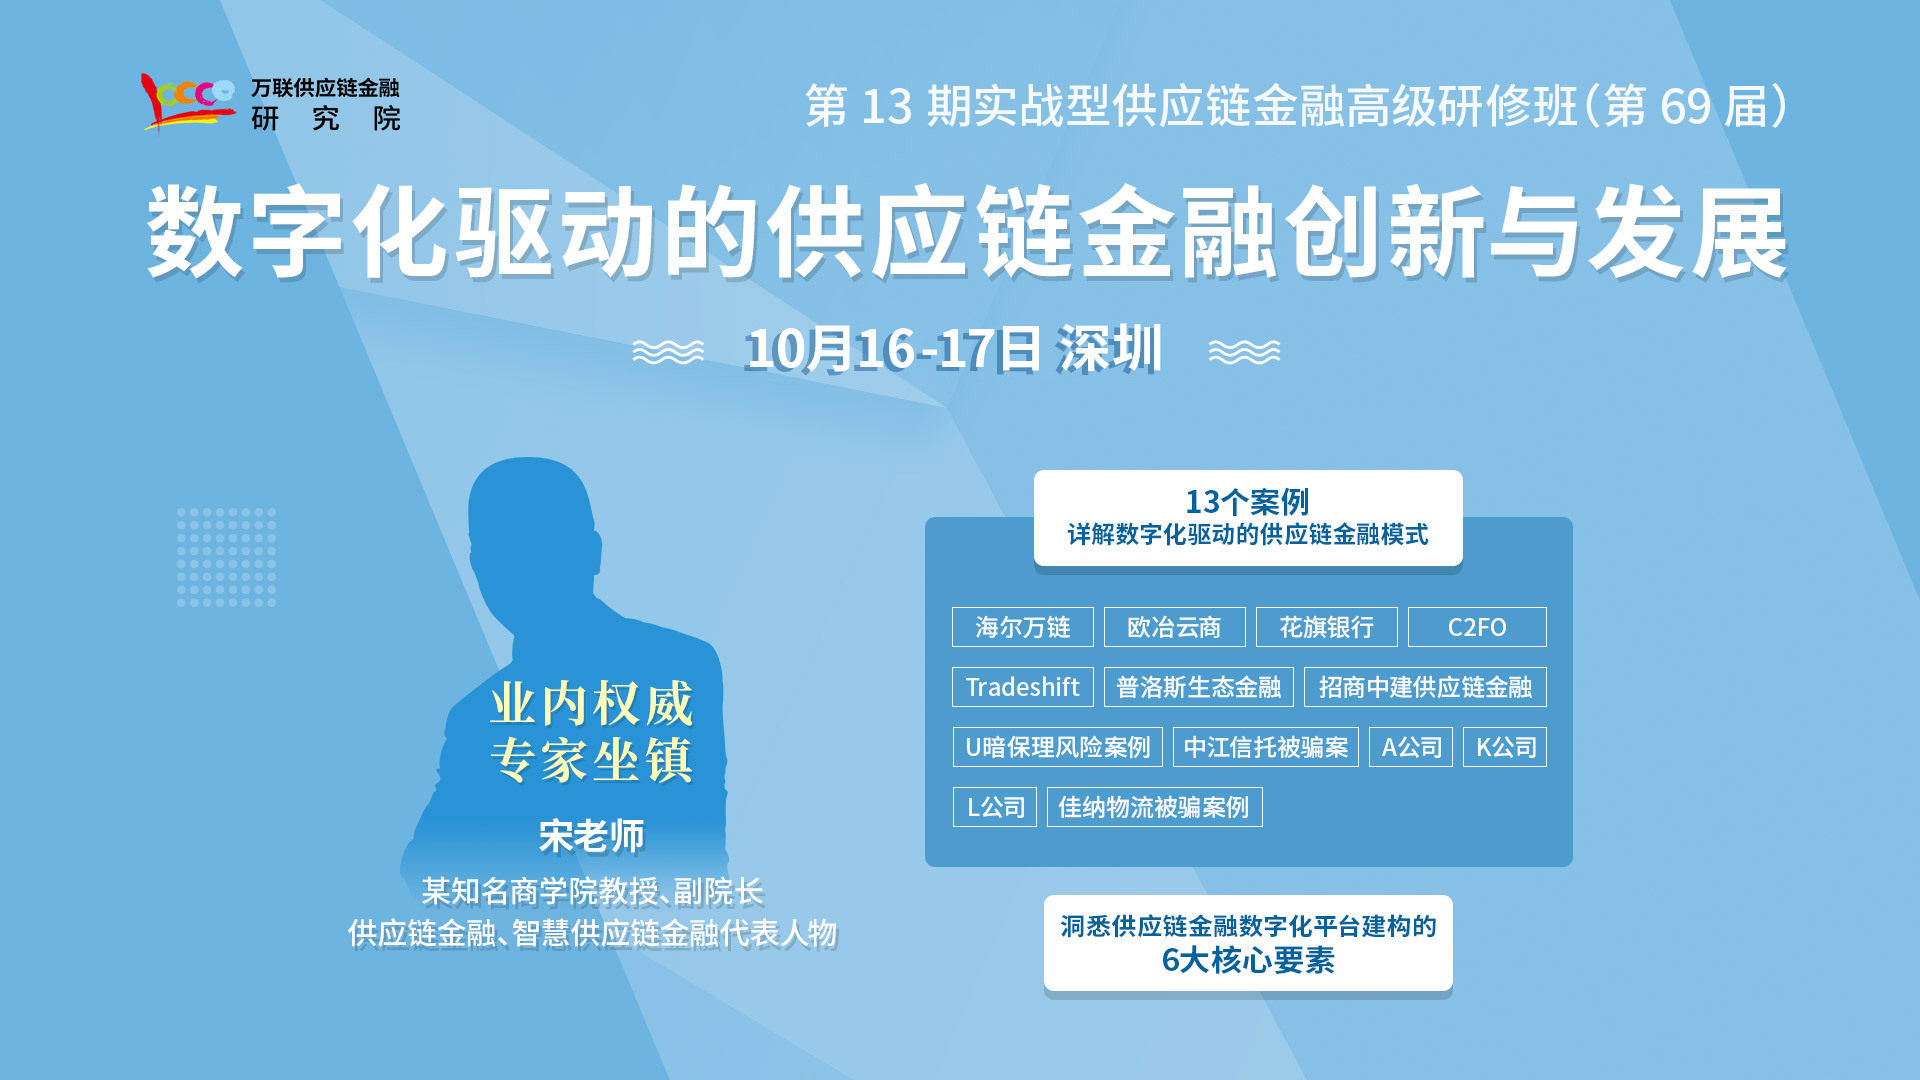 【深圳 10月课程】数字化驱动的供应链金融创新与发展